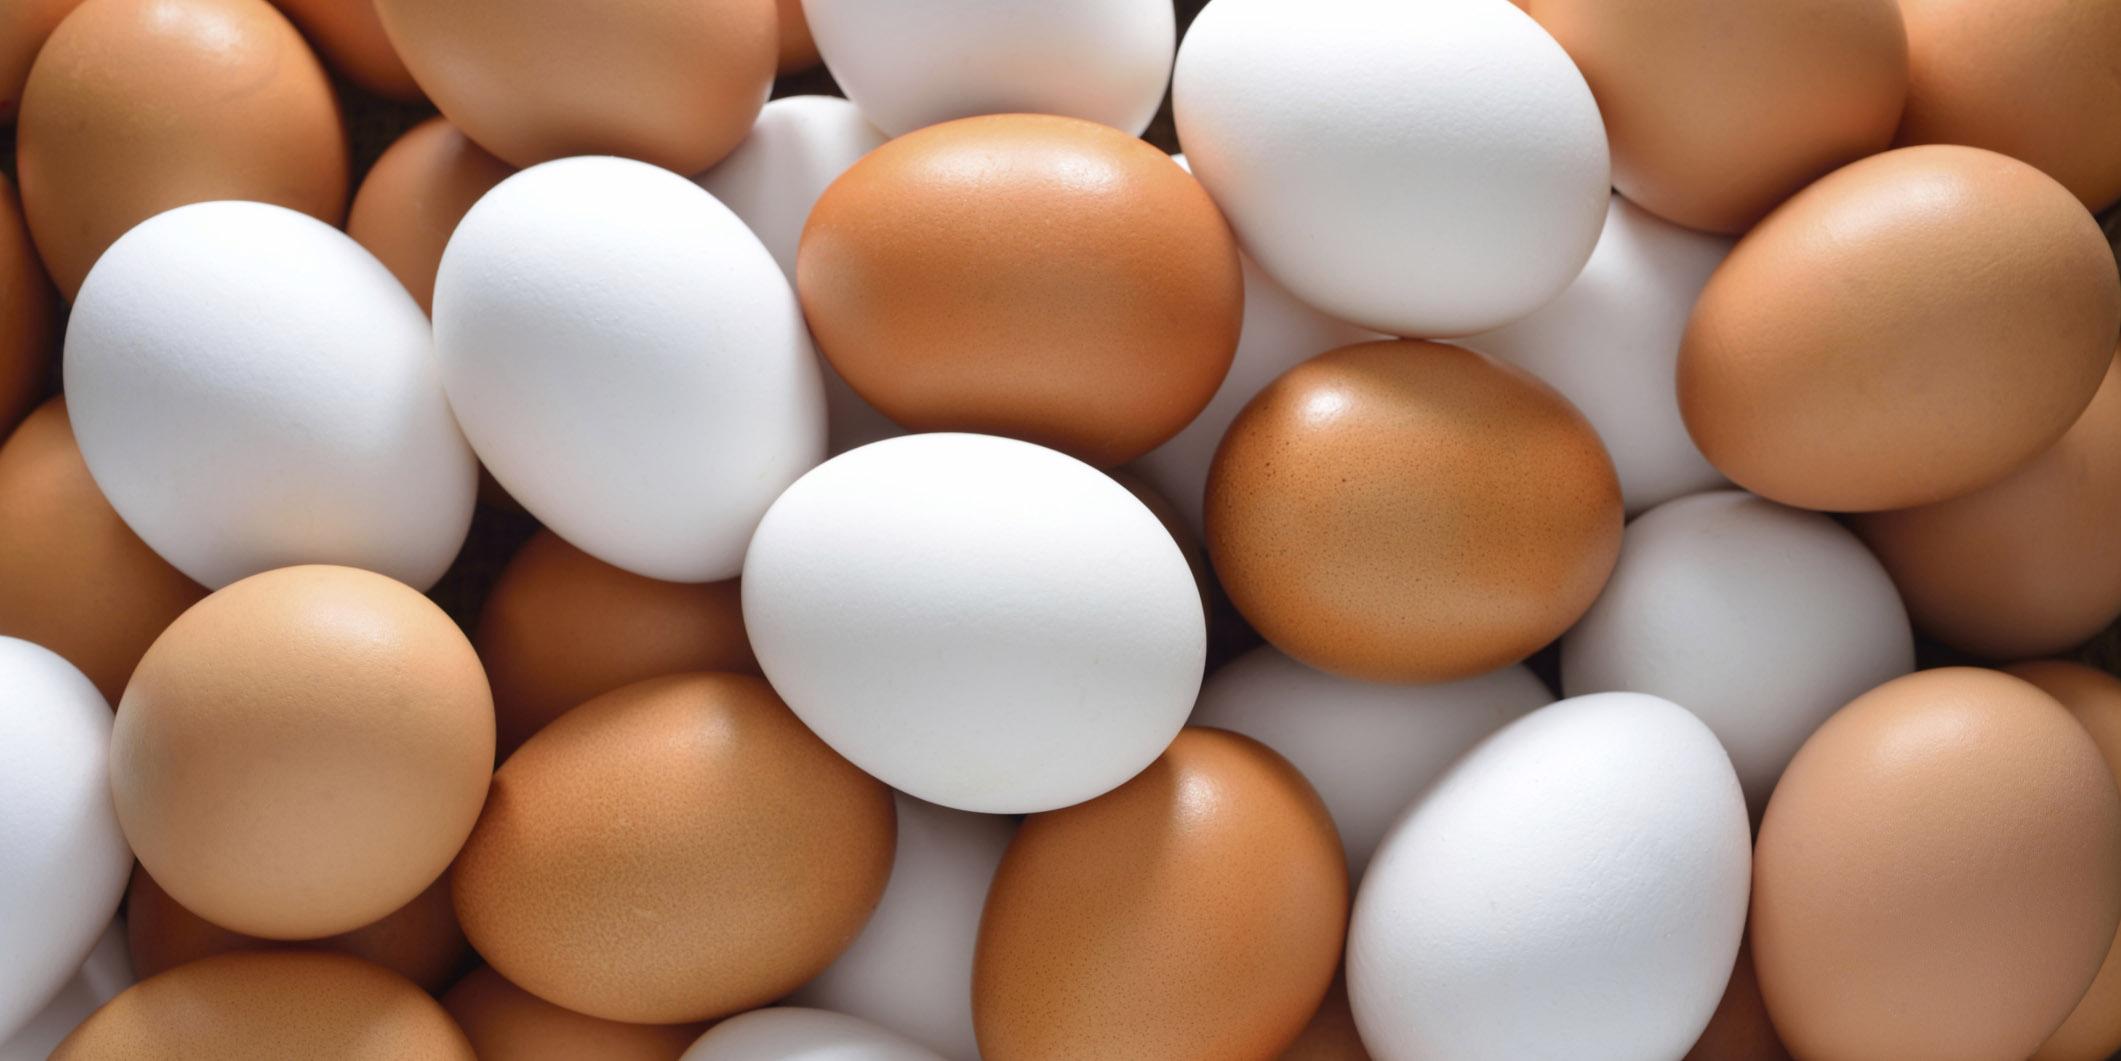 صادرات تخم مرغ آب رفت